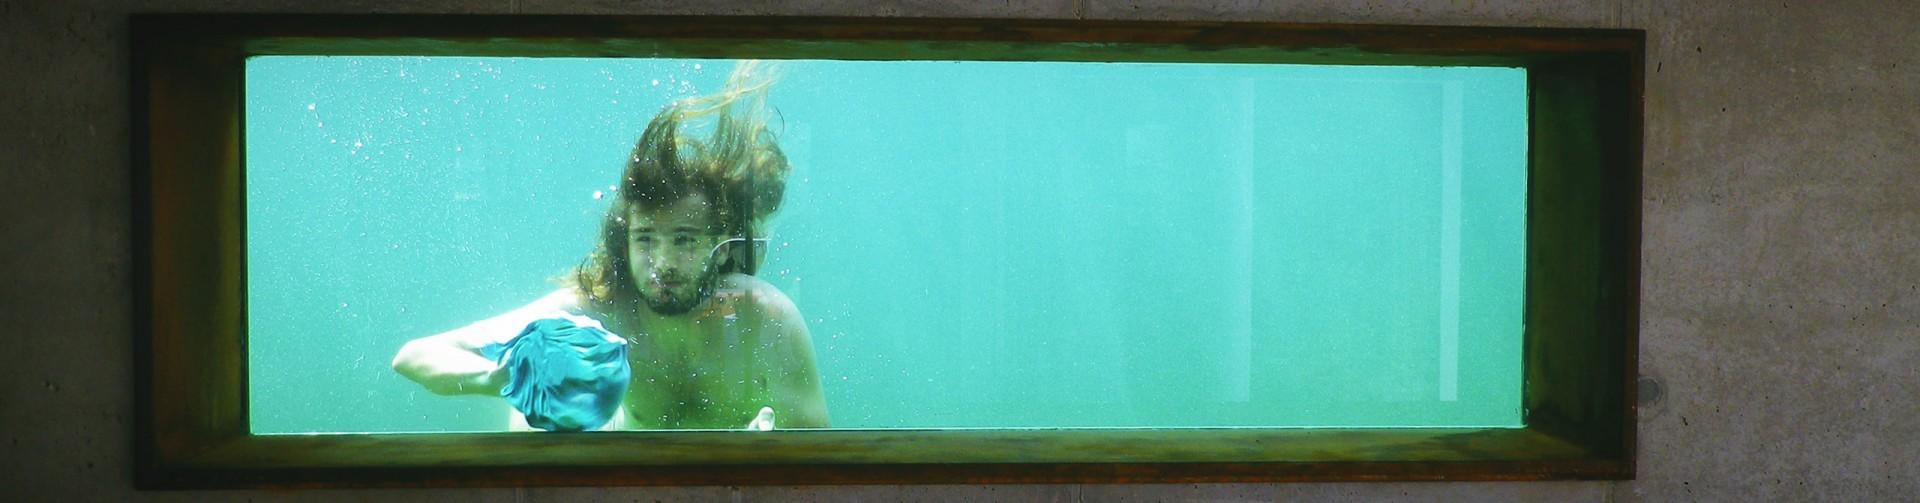 Schwimmteich Fenster